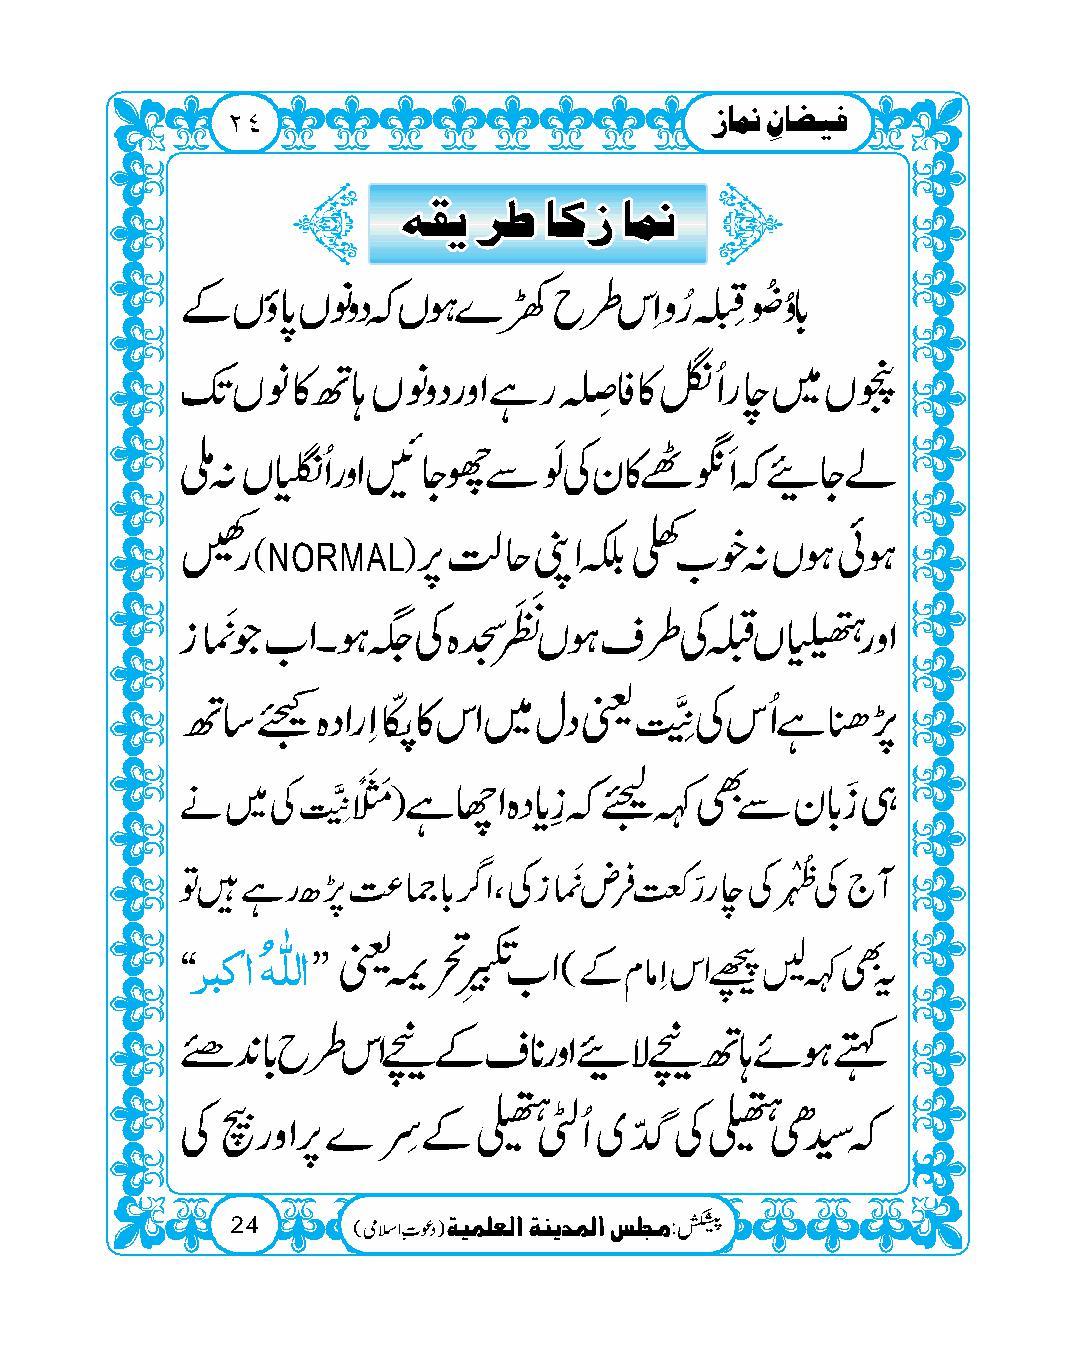 page No 24